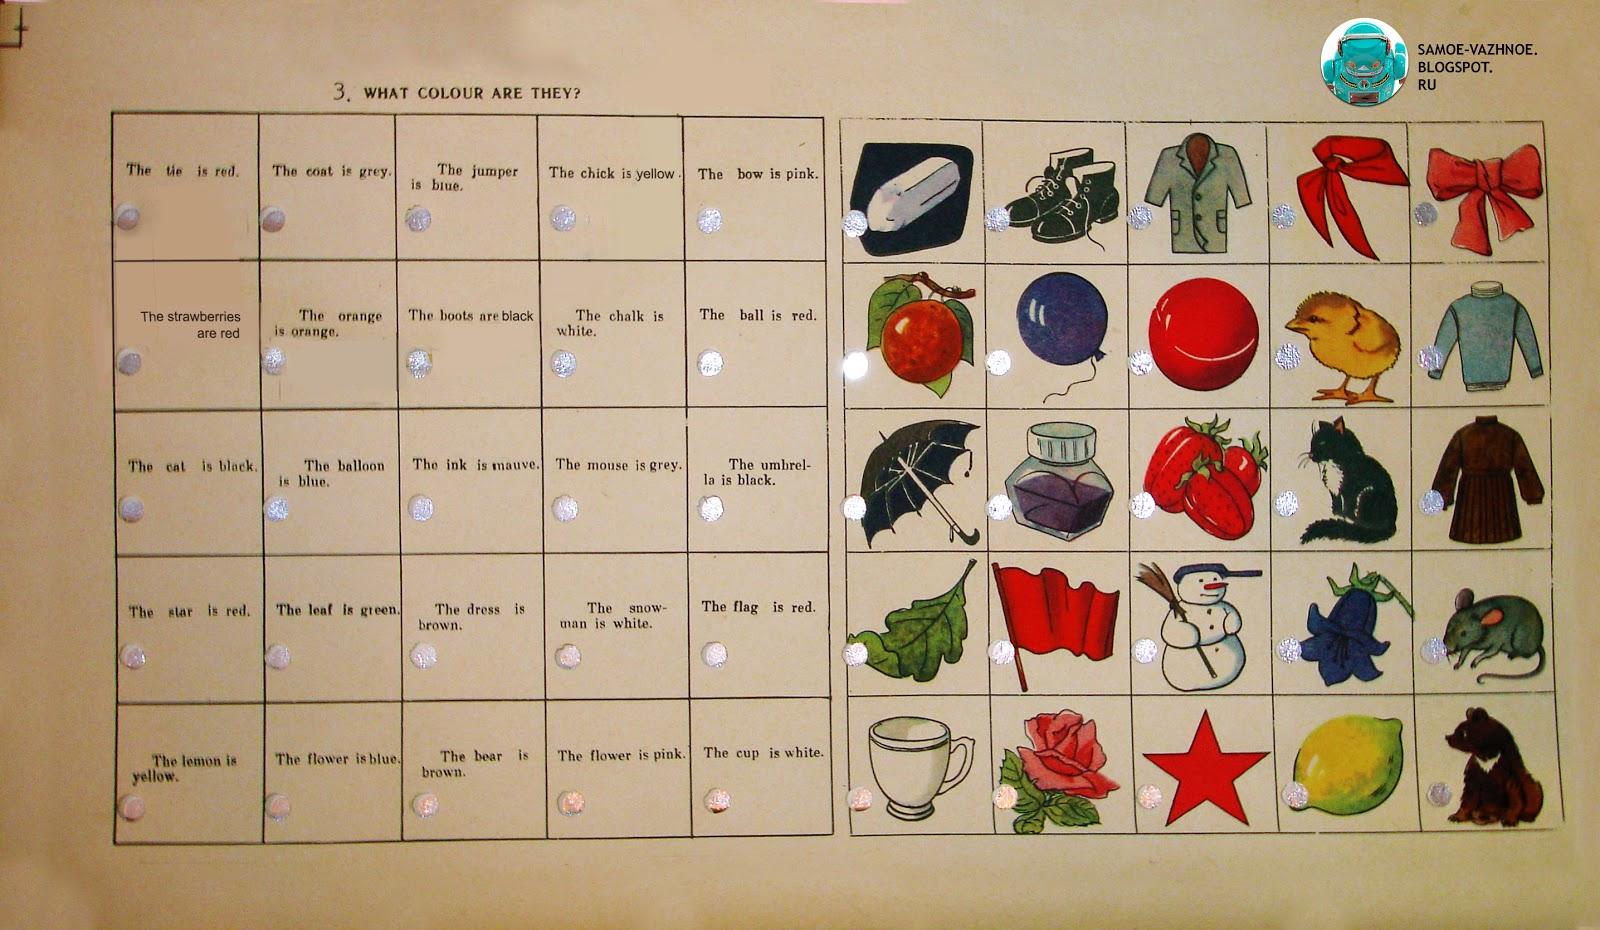 Английский язык темы одежда, еда, фрукты, время, животные